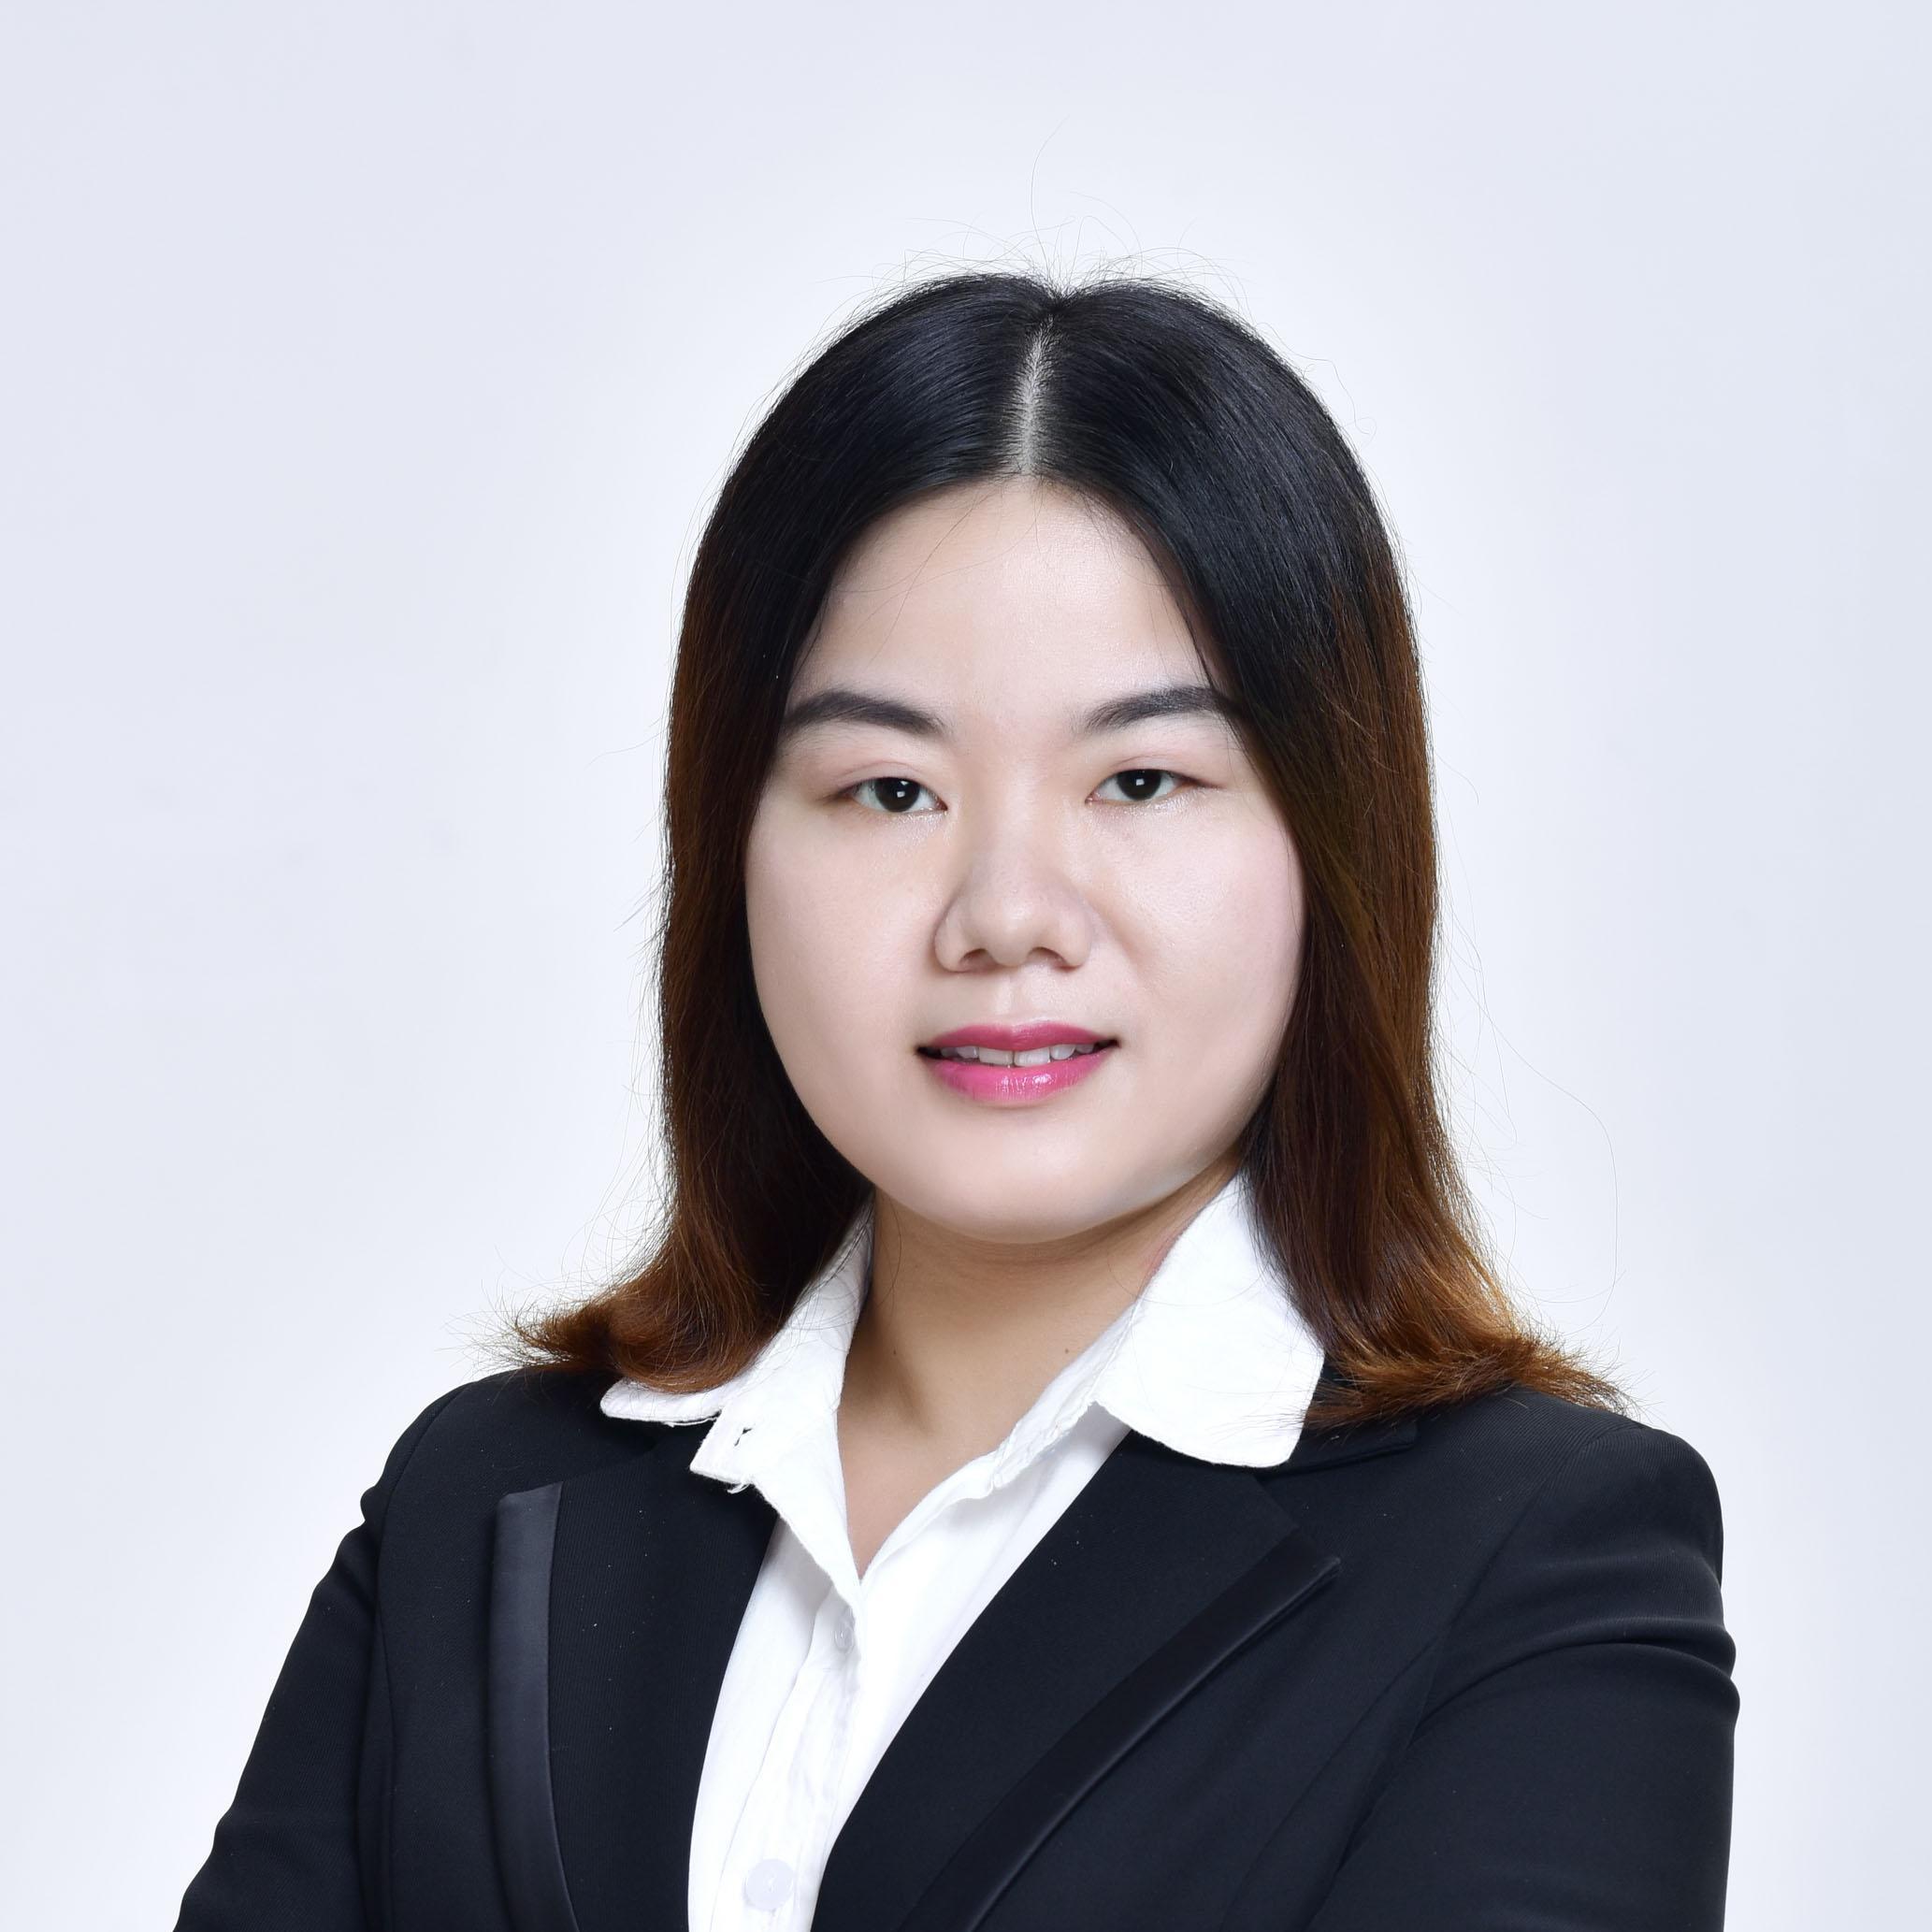 武汉新东方王琪3